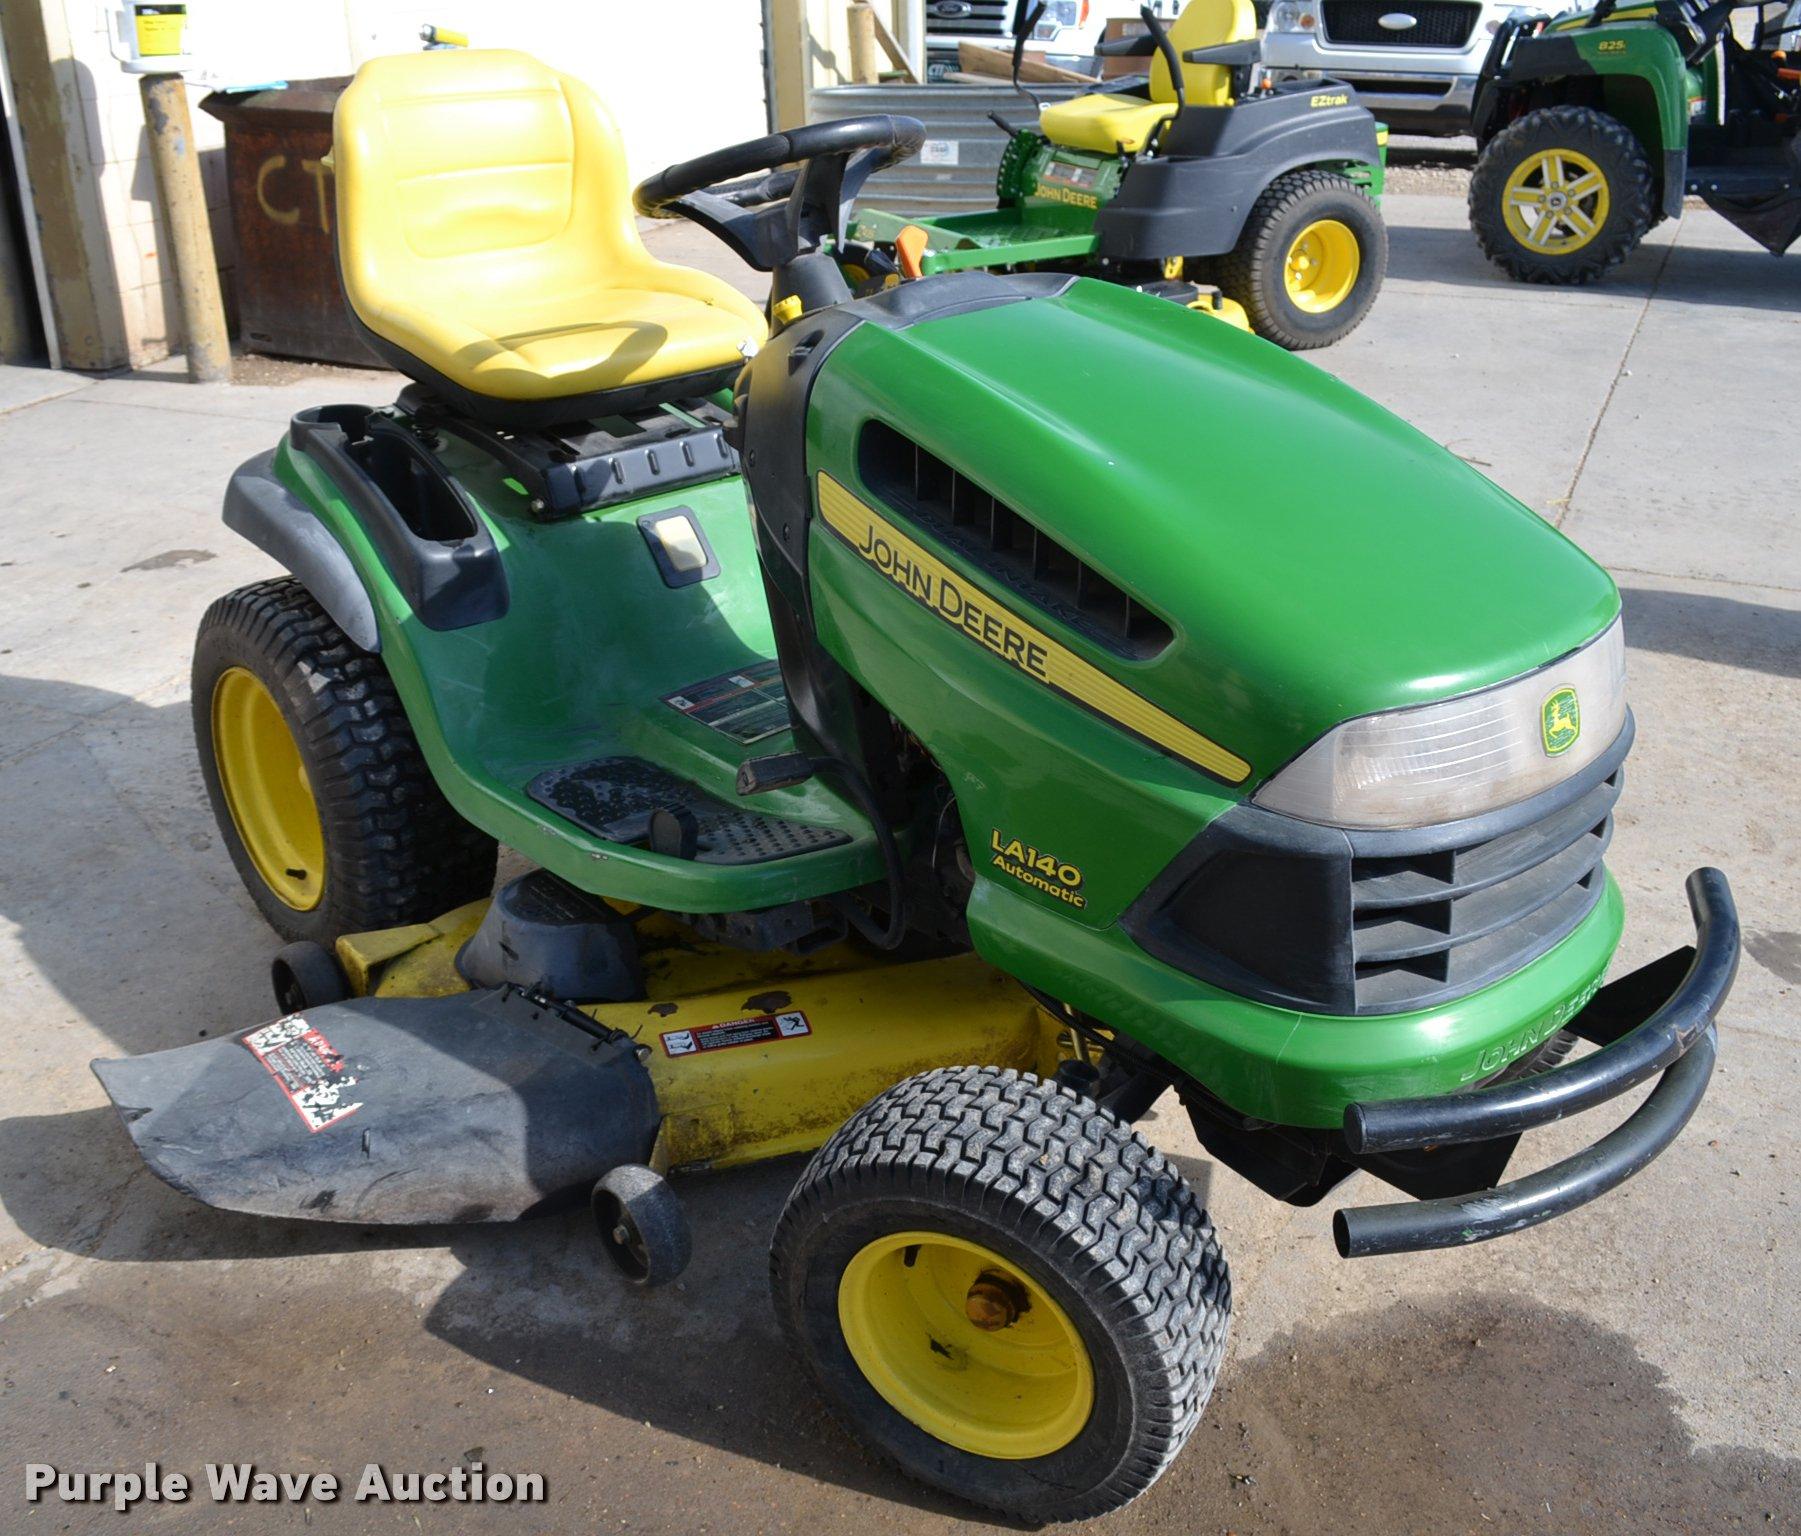 ... John Deere LA140 lawn mower Full size in new window ...